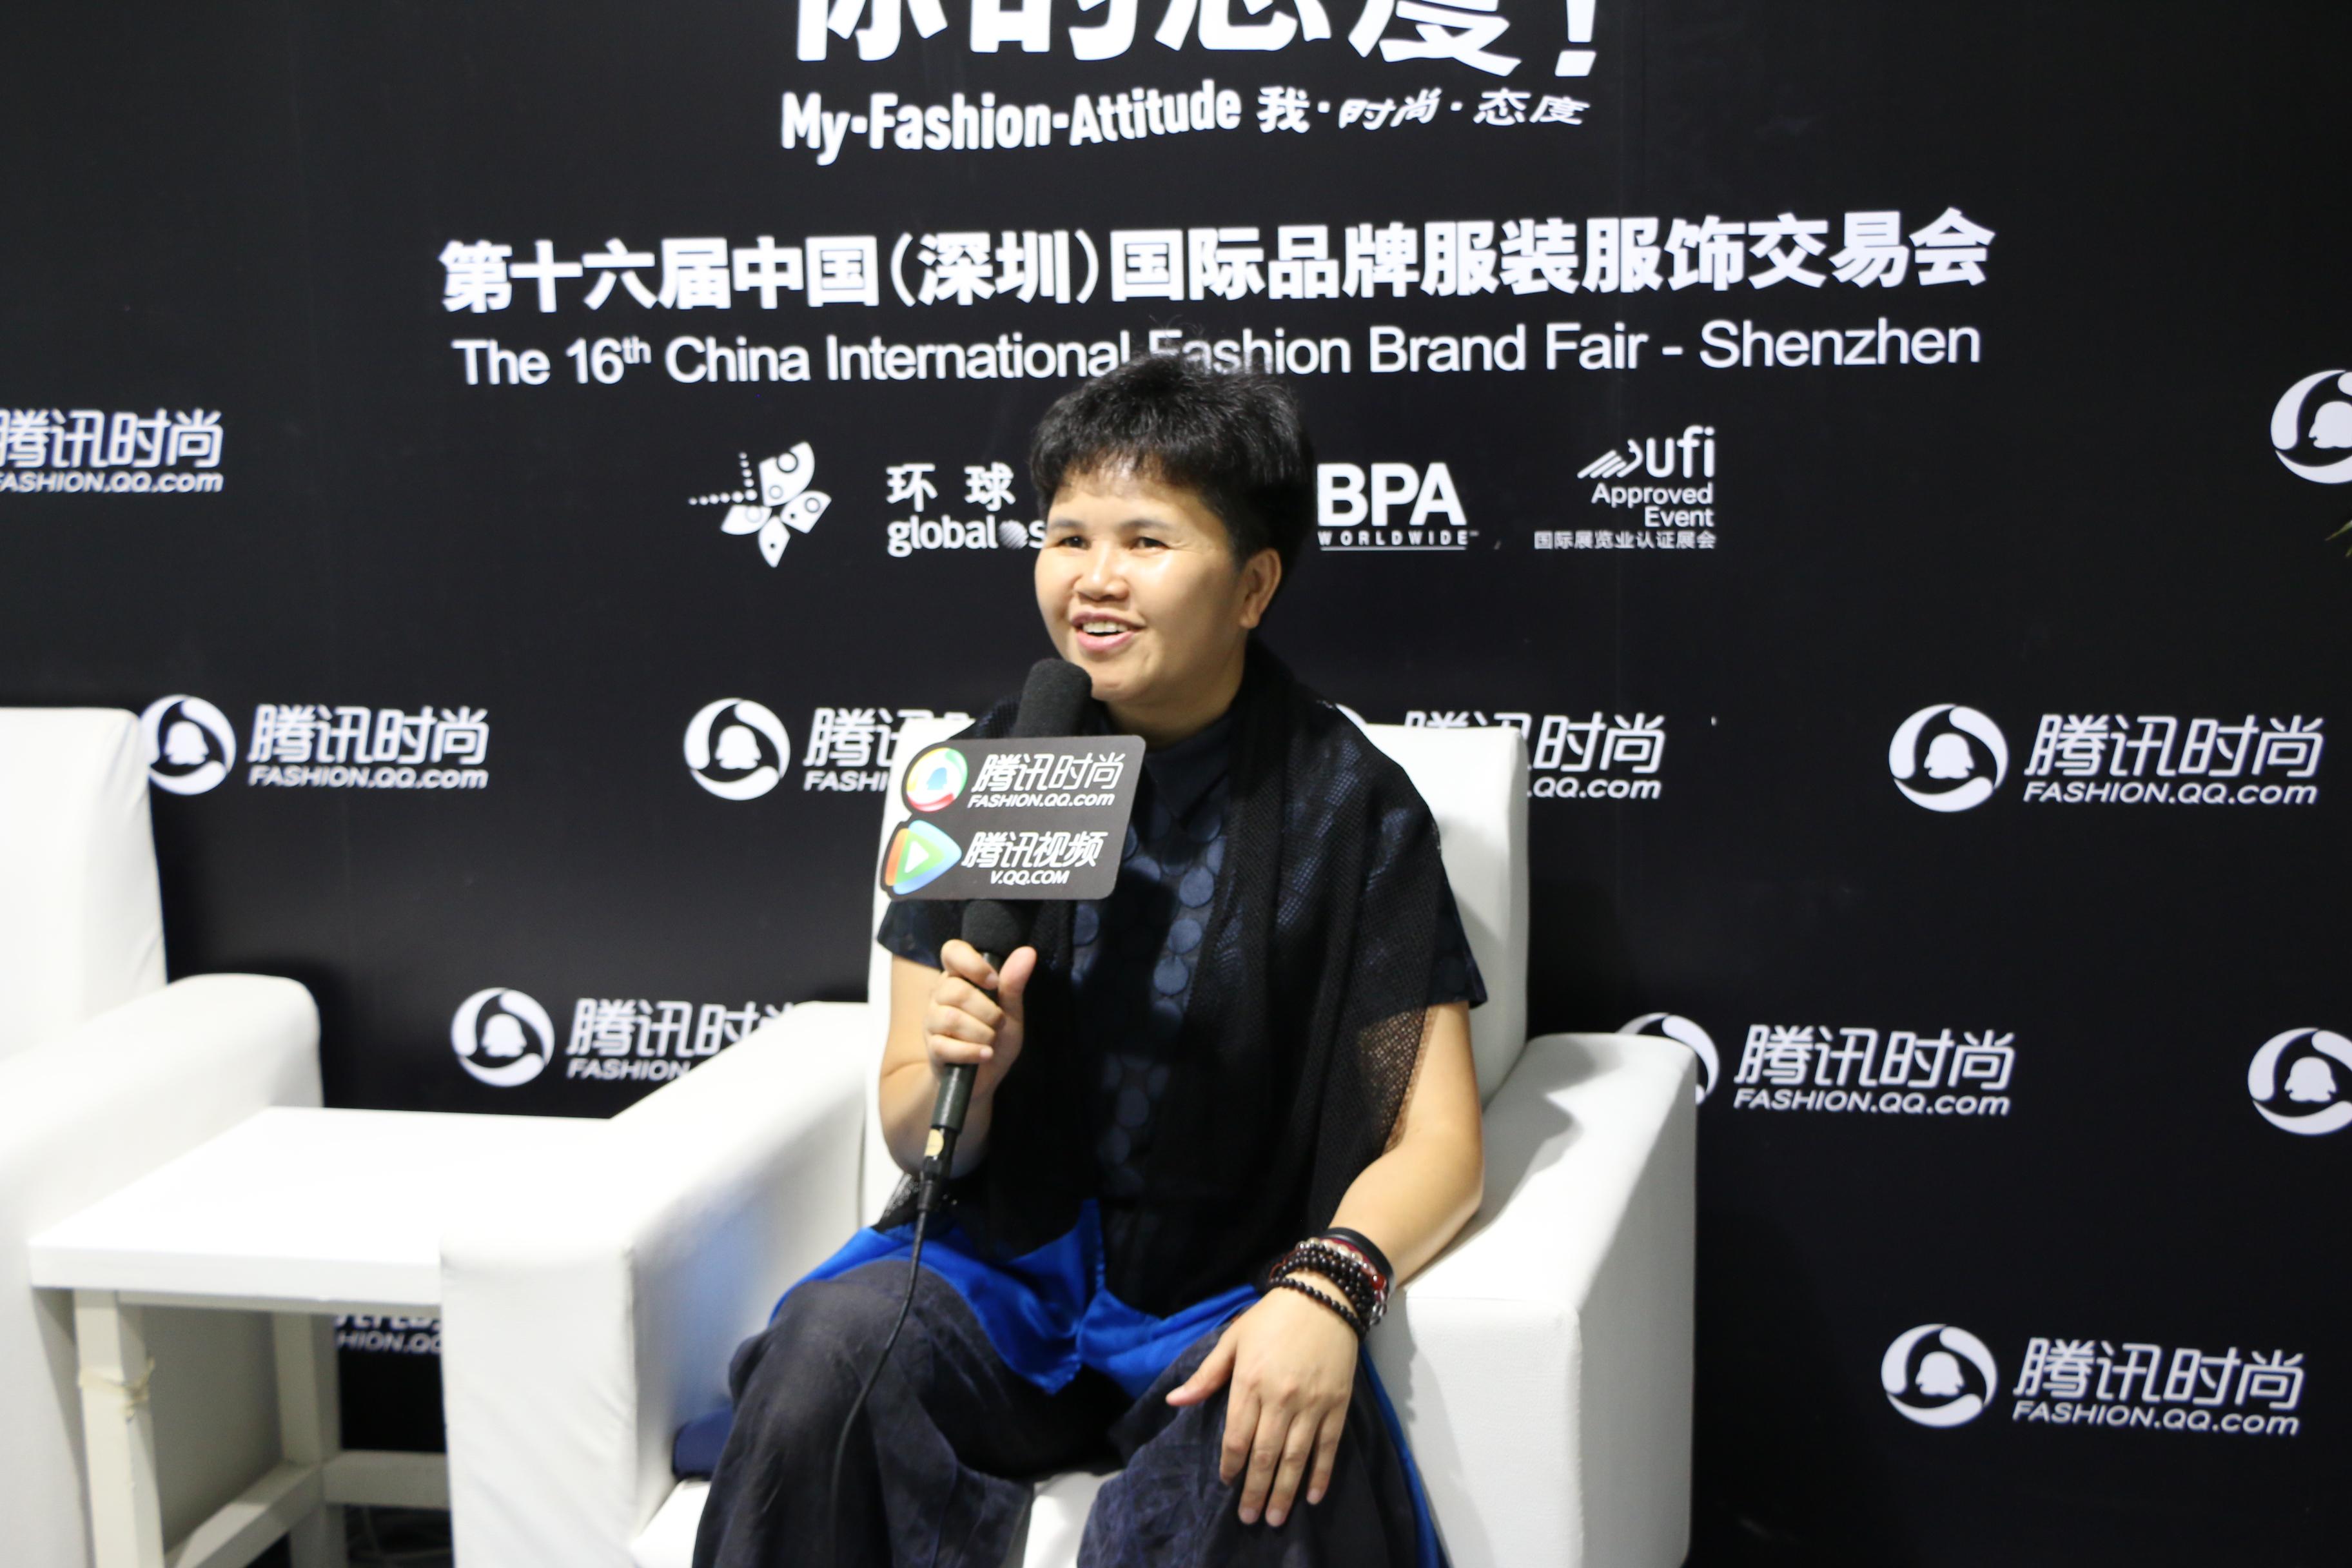 改革开放四十载 深圳巾帼企业家--茜施尔内衣创始人刘素音